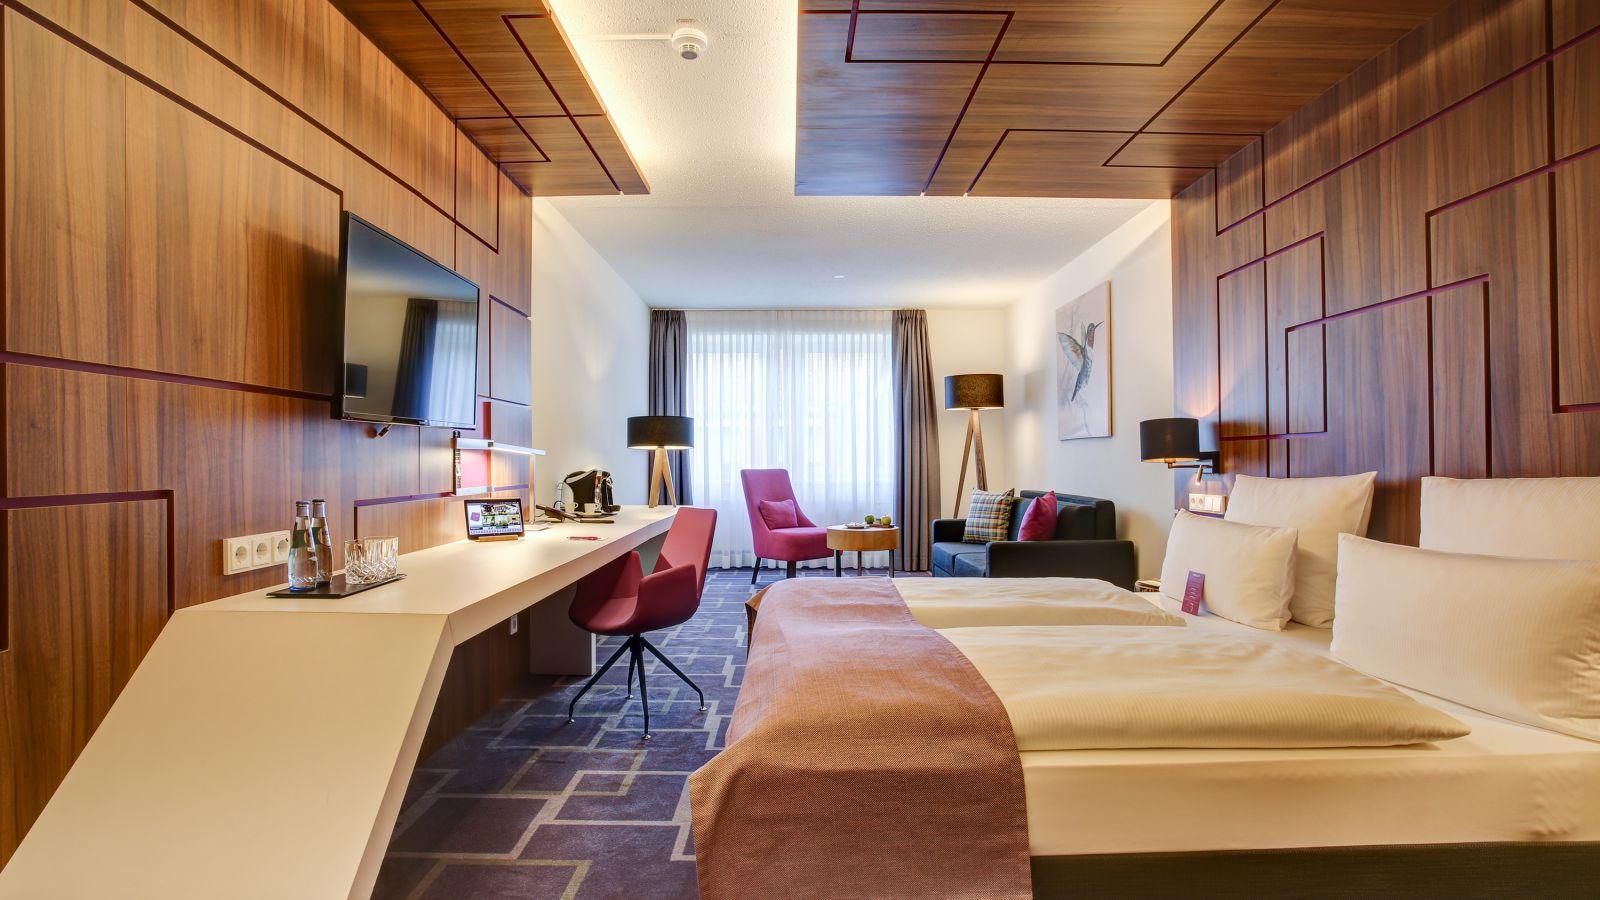 Executive apartment fourside hotel braunschweig for Design hotel braunschweig